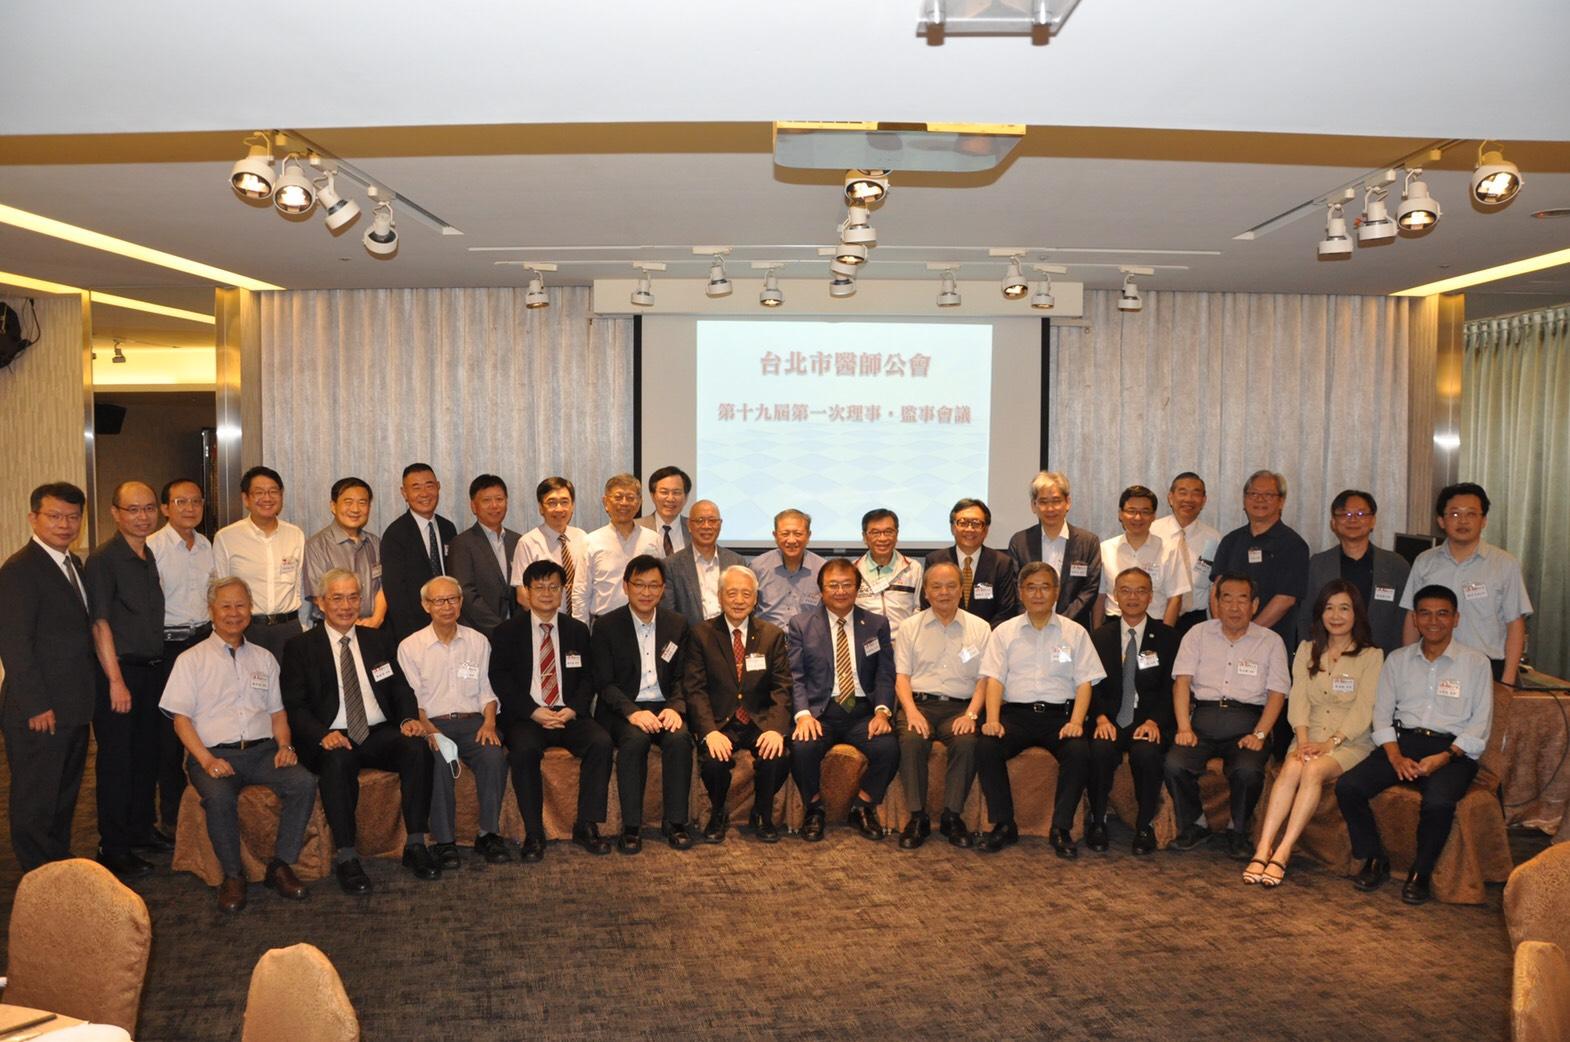 台北市醫師公會 第19屆第一次理監事會議